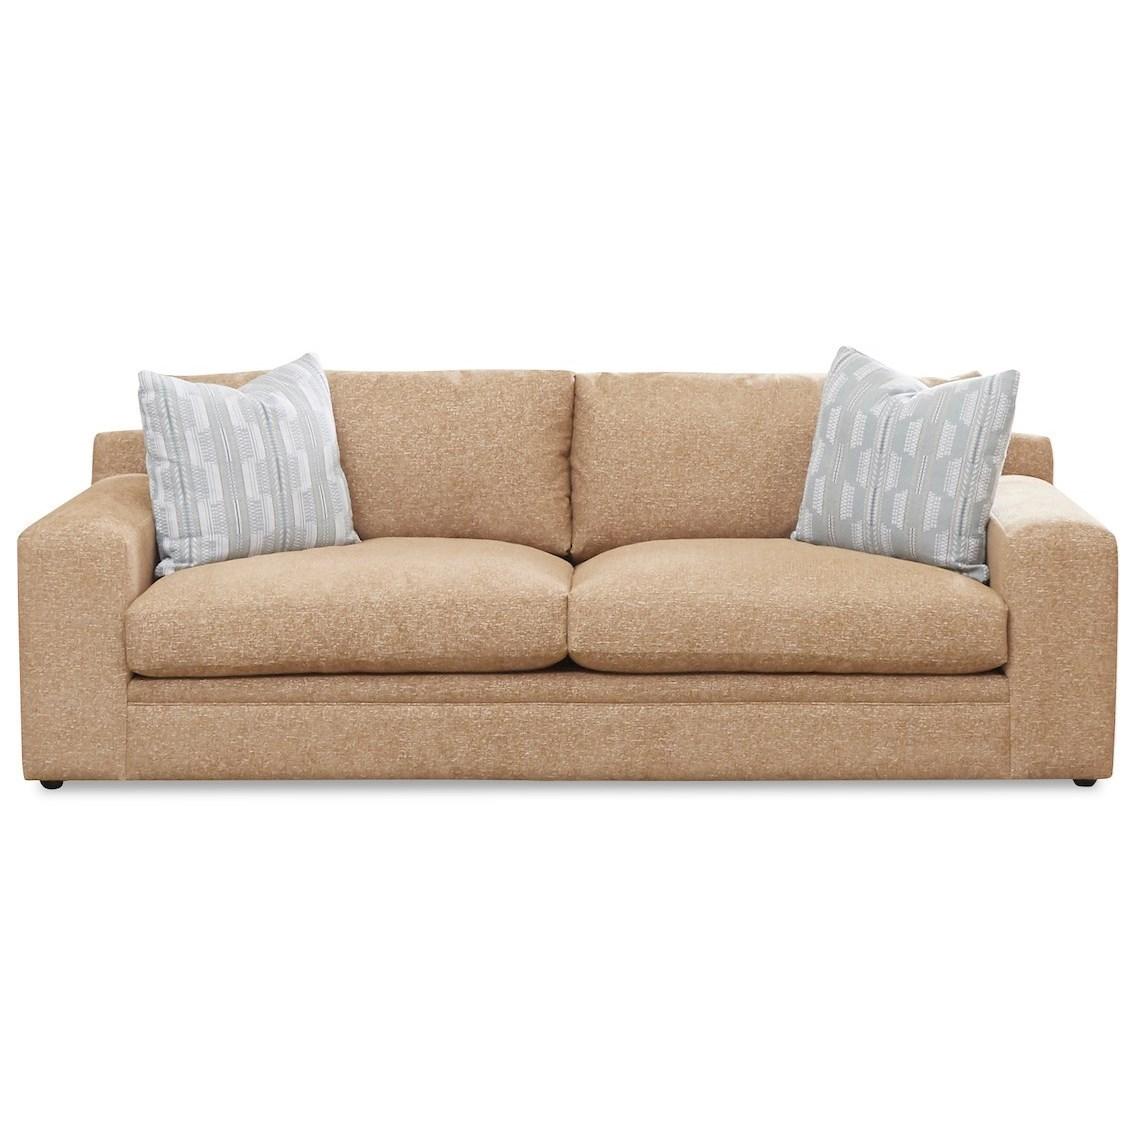 Casa Mesa Sofa by Klaussner at Northeast Factory Direct